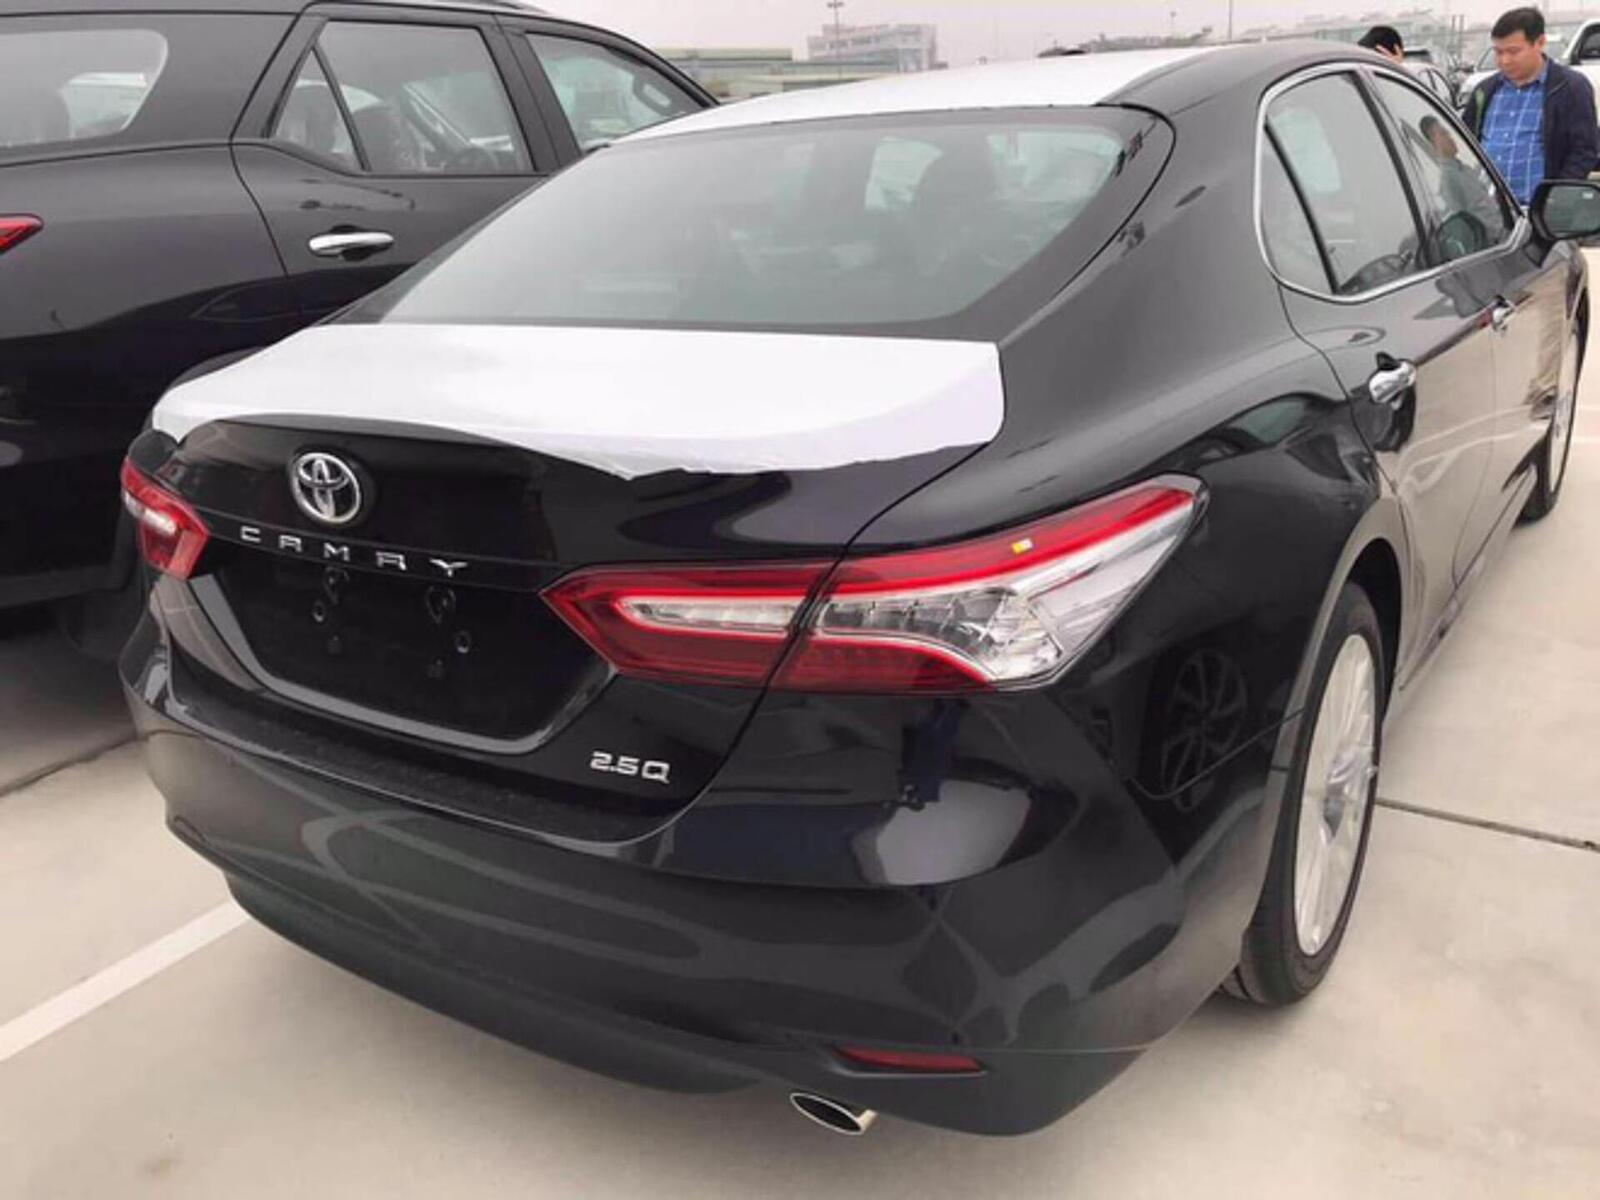 Toyota Camry thế hệ mới đã về đến Việt Nam - Chuẩn bị ra mắt công chúng - Hình 3